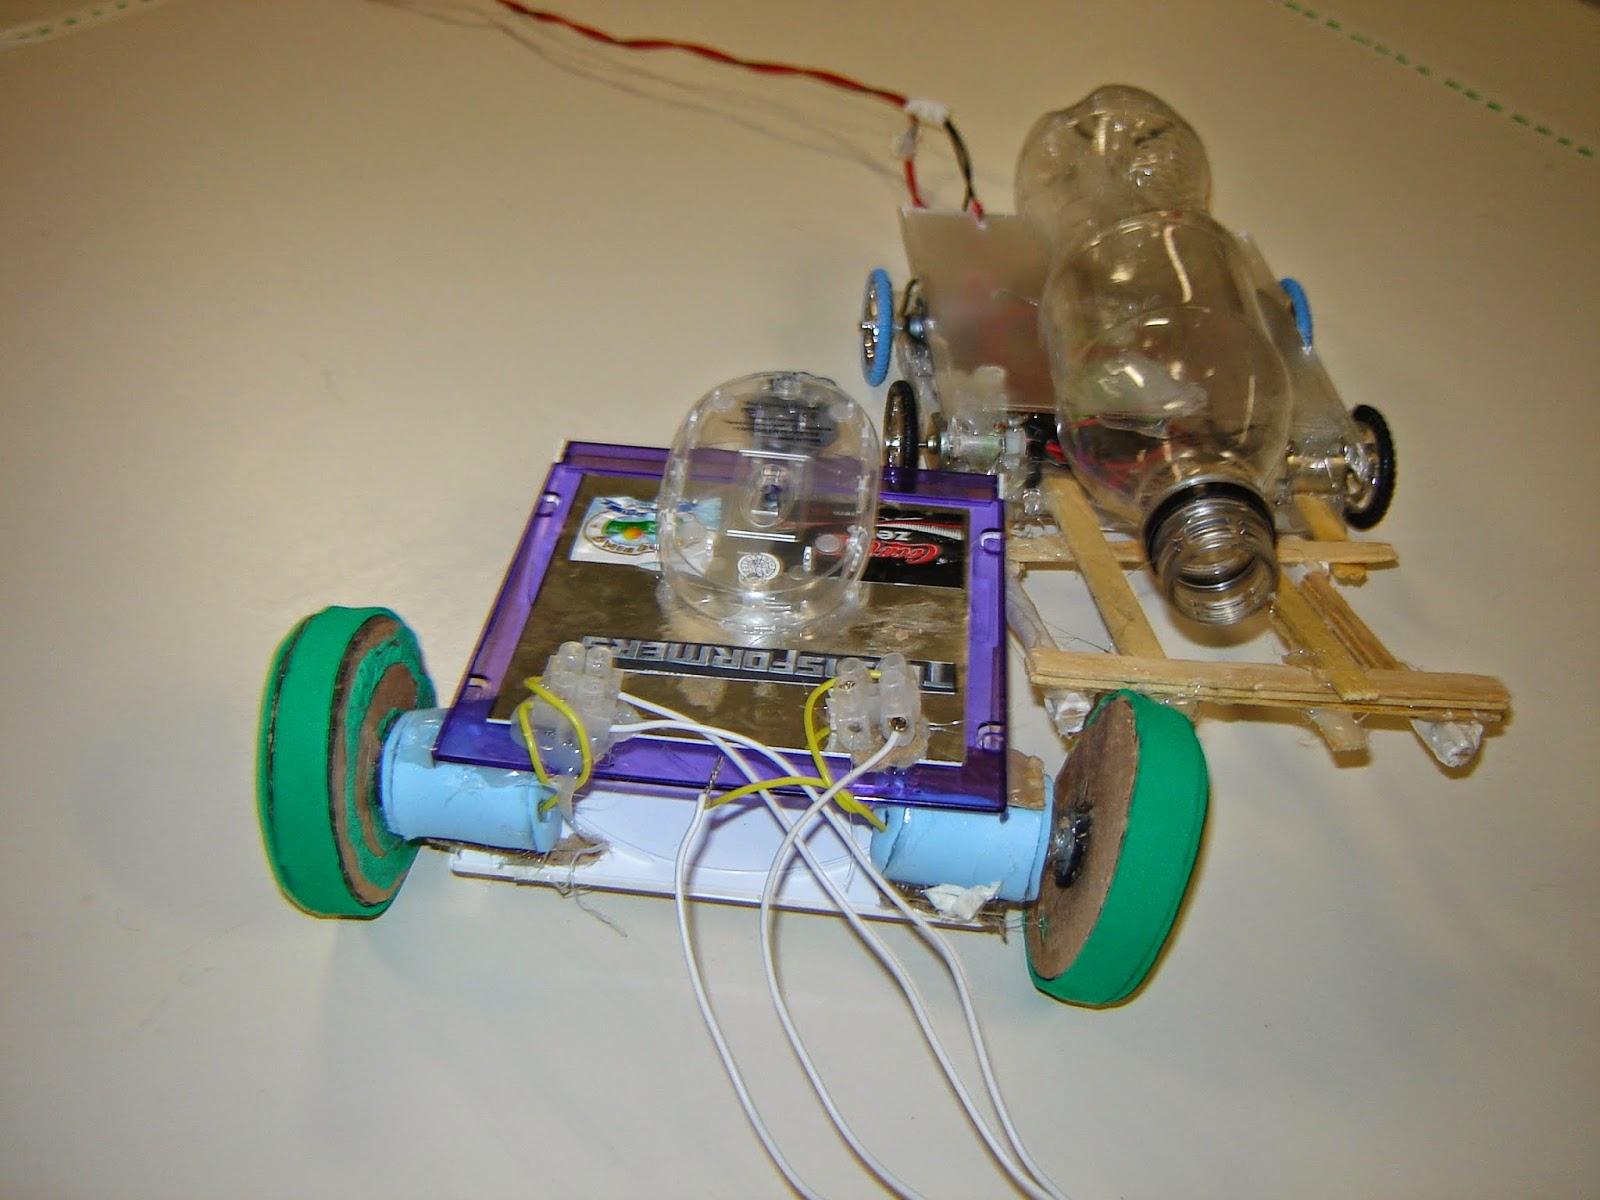 62d8e223c7e O objetivo da competição é empurrar o robô oponente para o exterior de uma  arena circular. O maior prêmio do jogo é o conhecimento!